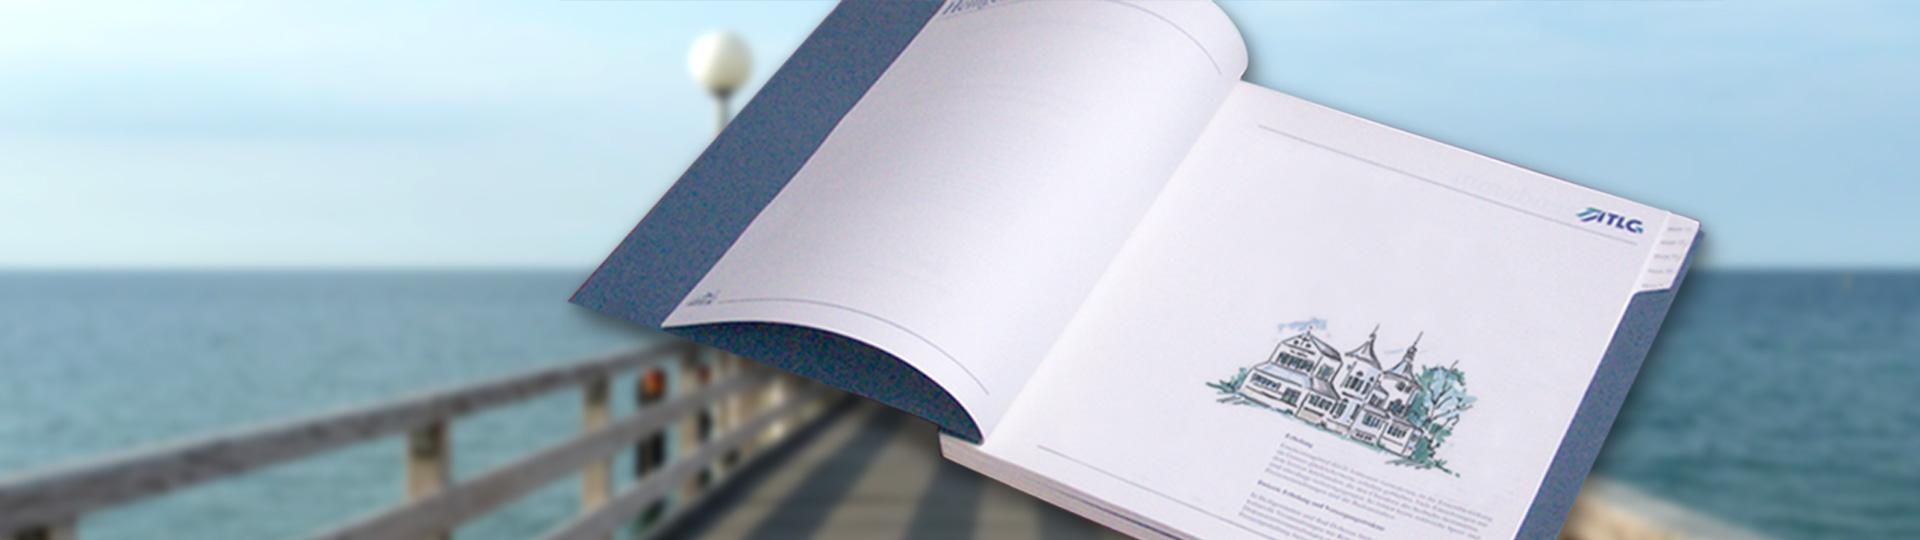 Katalog Heiligendamm